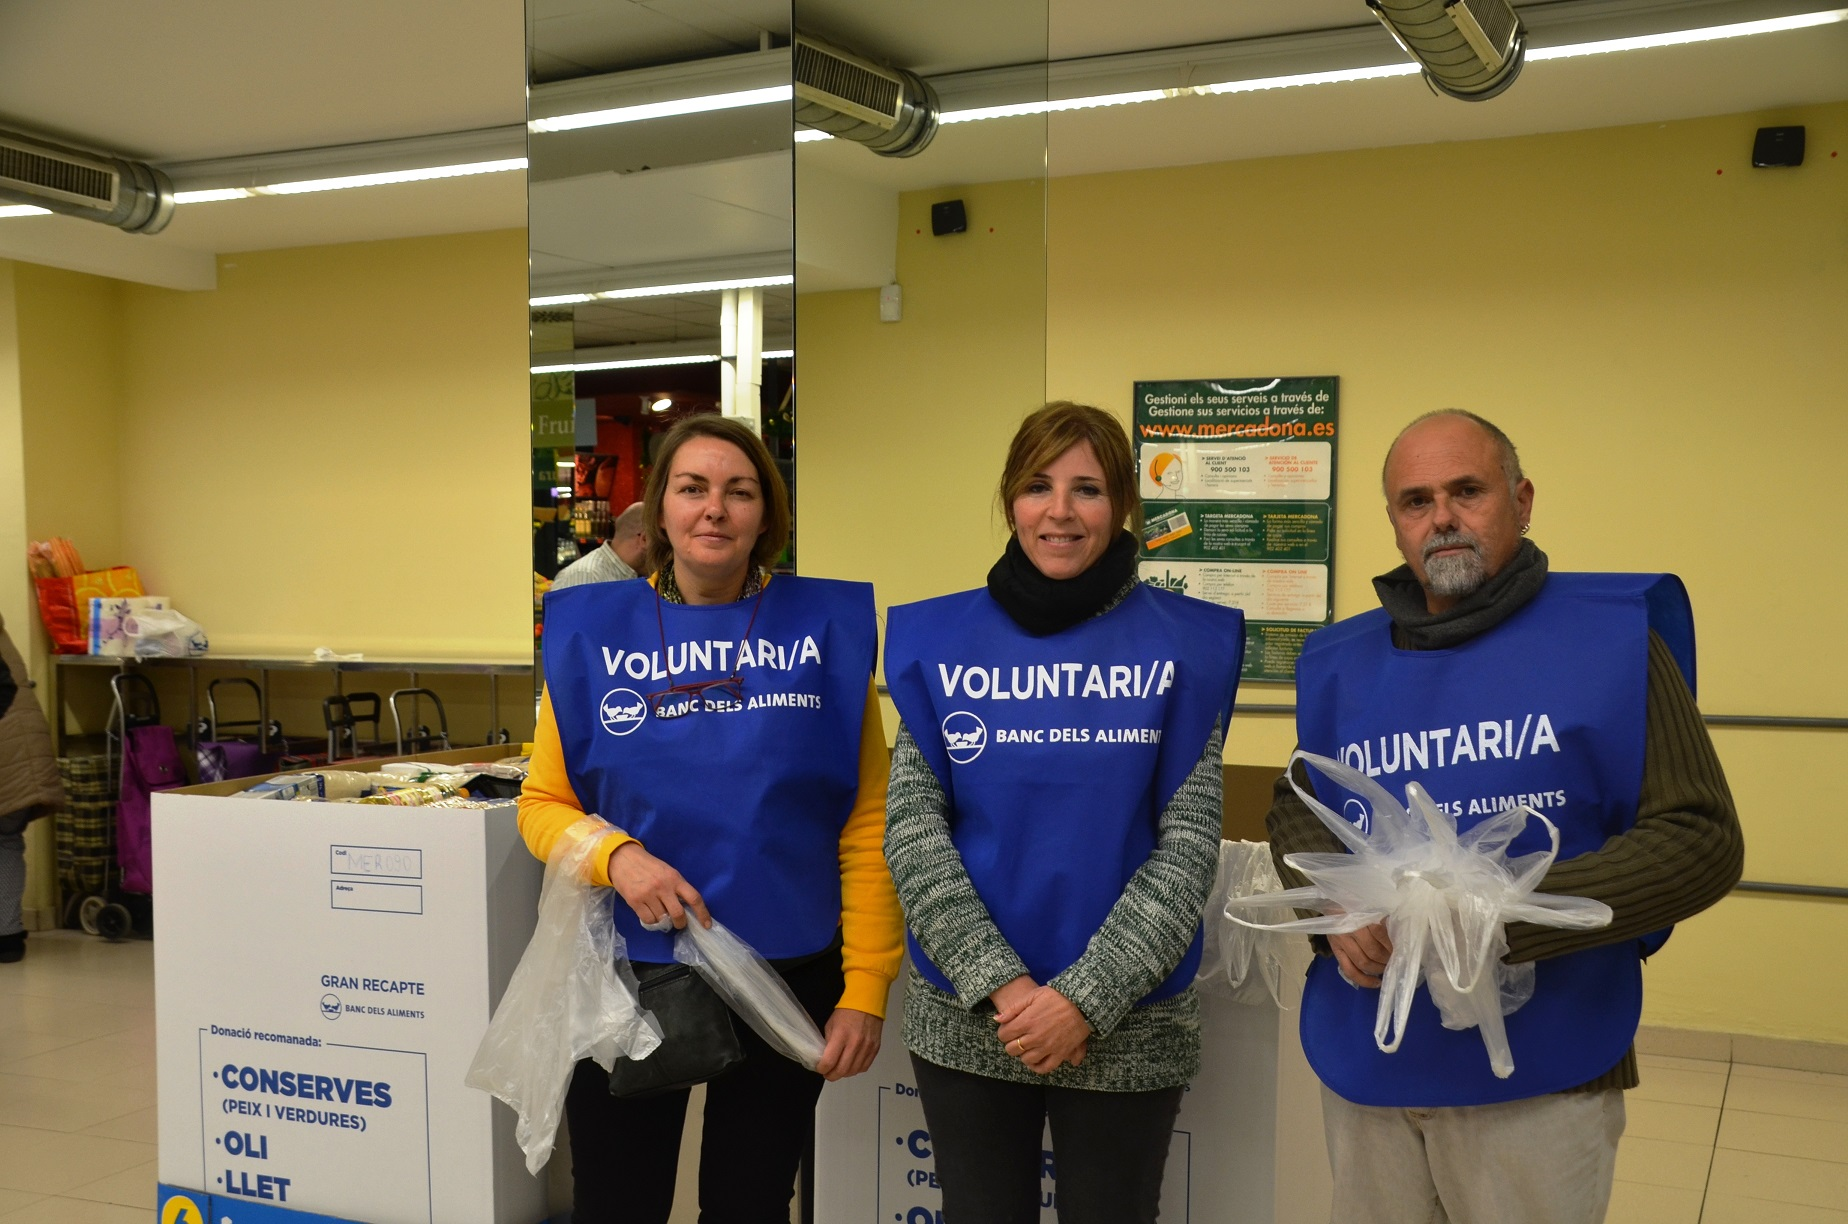 Voluntaris Banc dels aliments